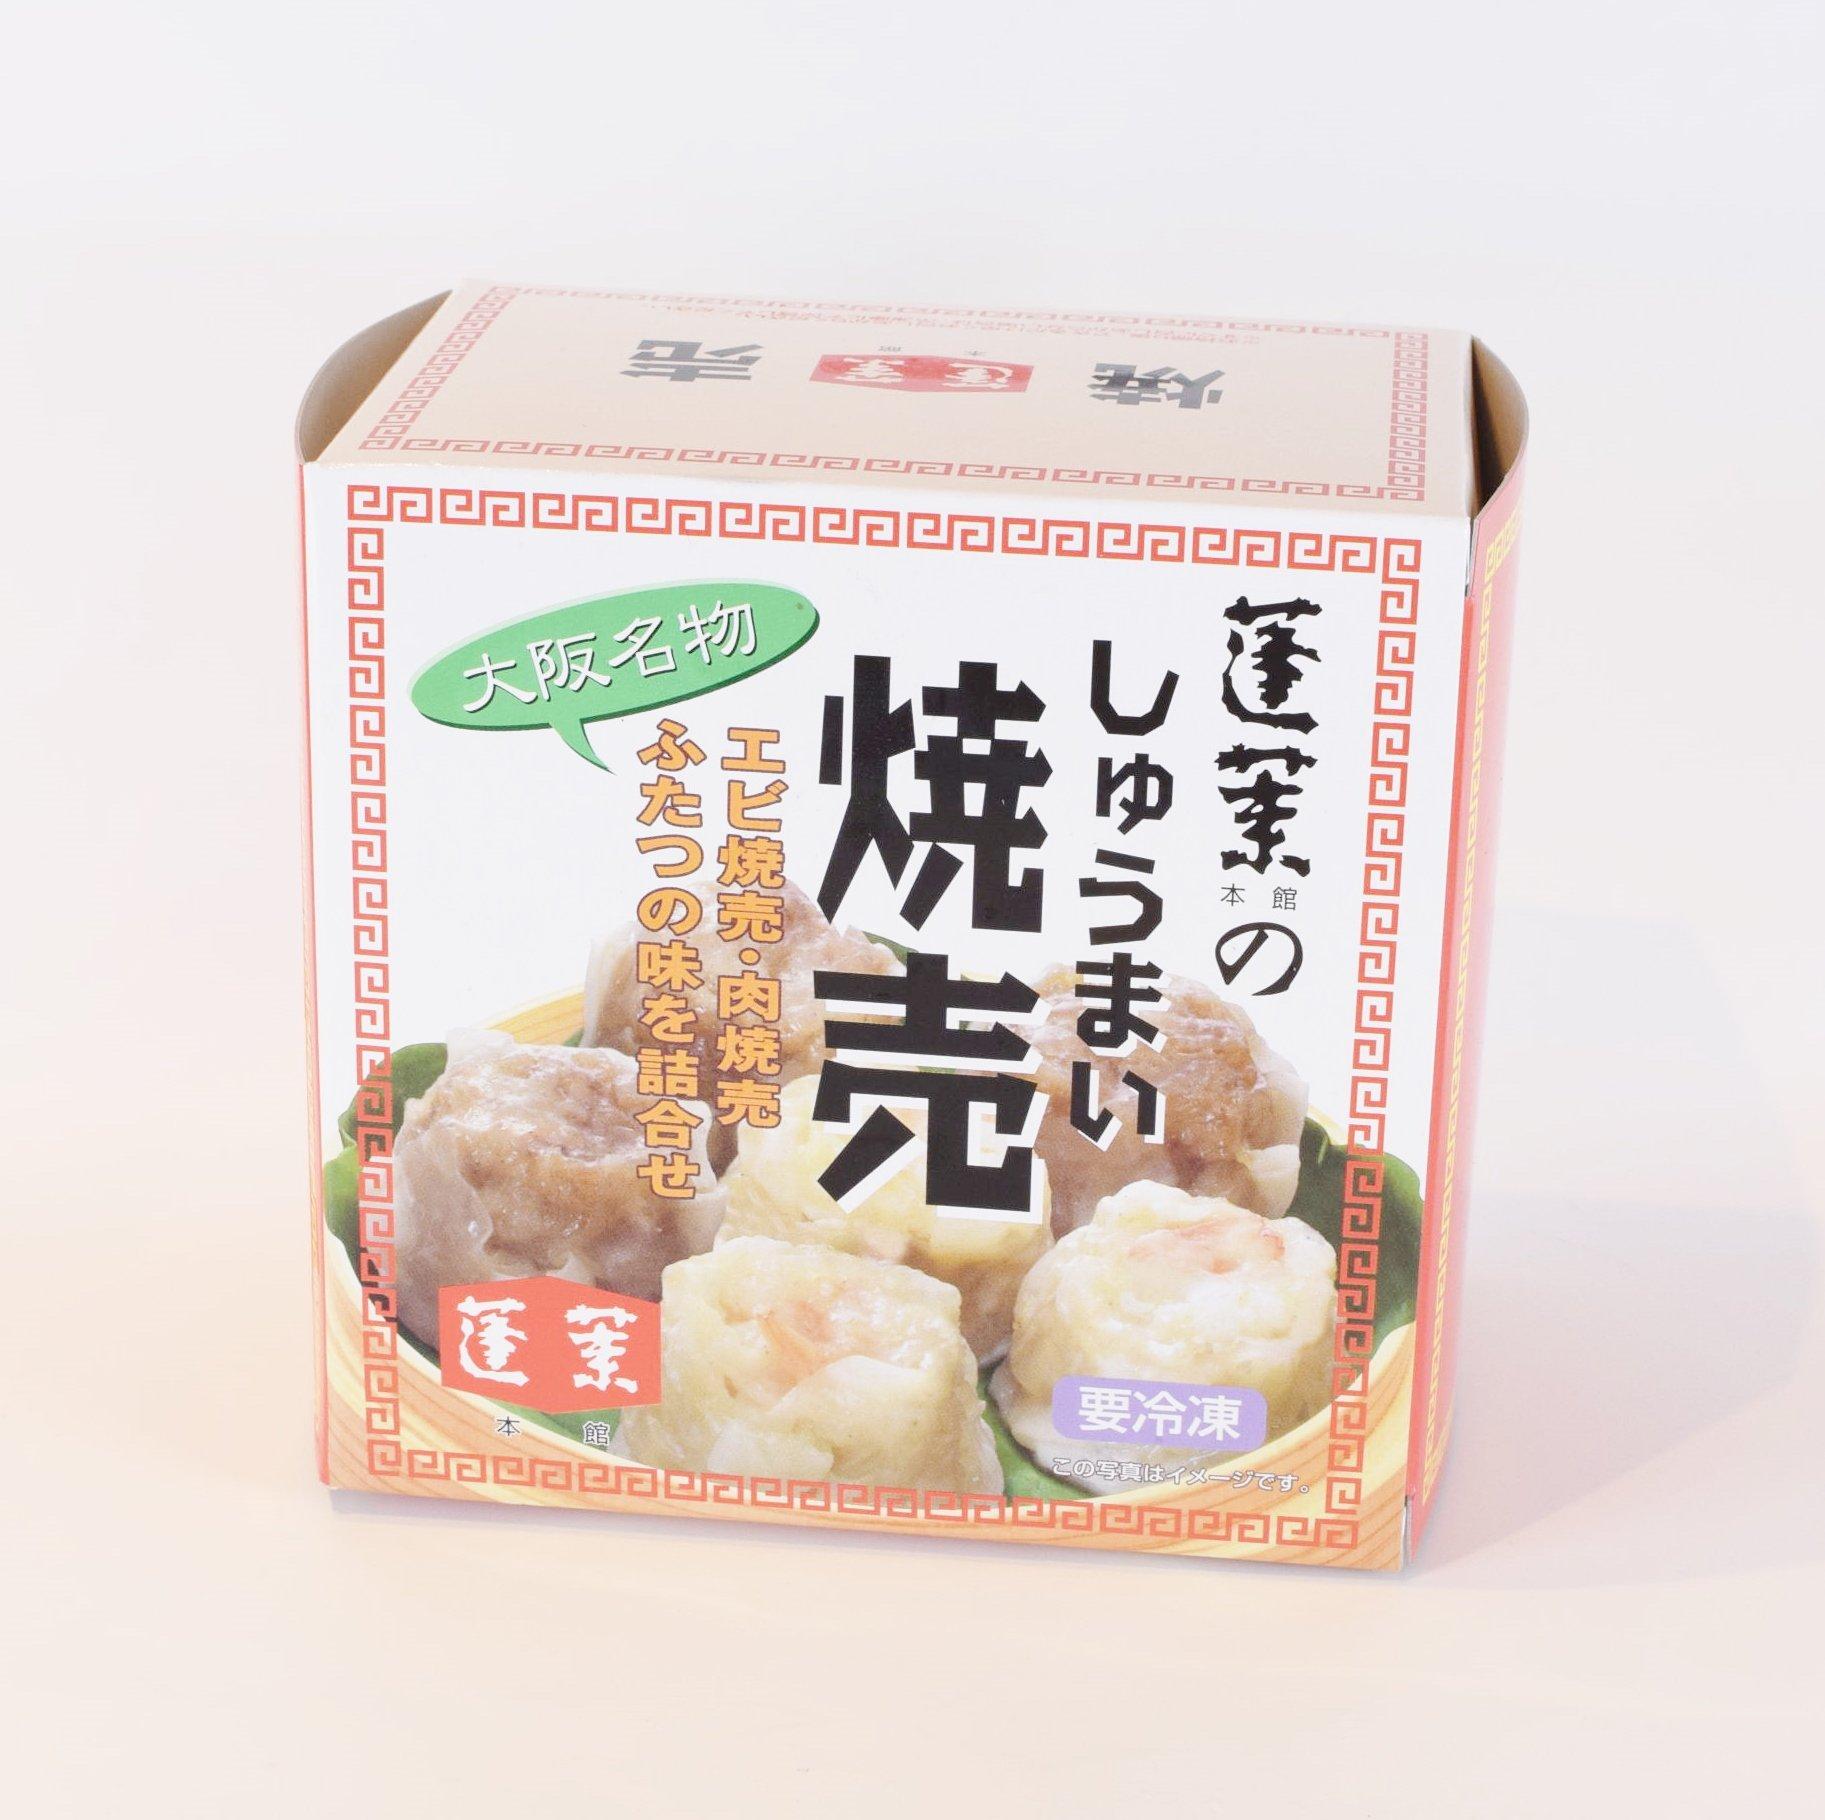 蓬莱本館 焼売 しゅうまい 肉4個・えび4個 大阪土産 クール便